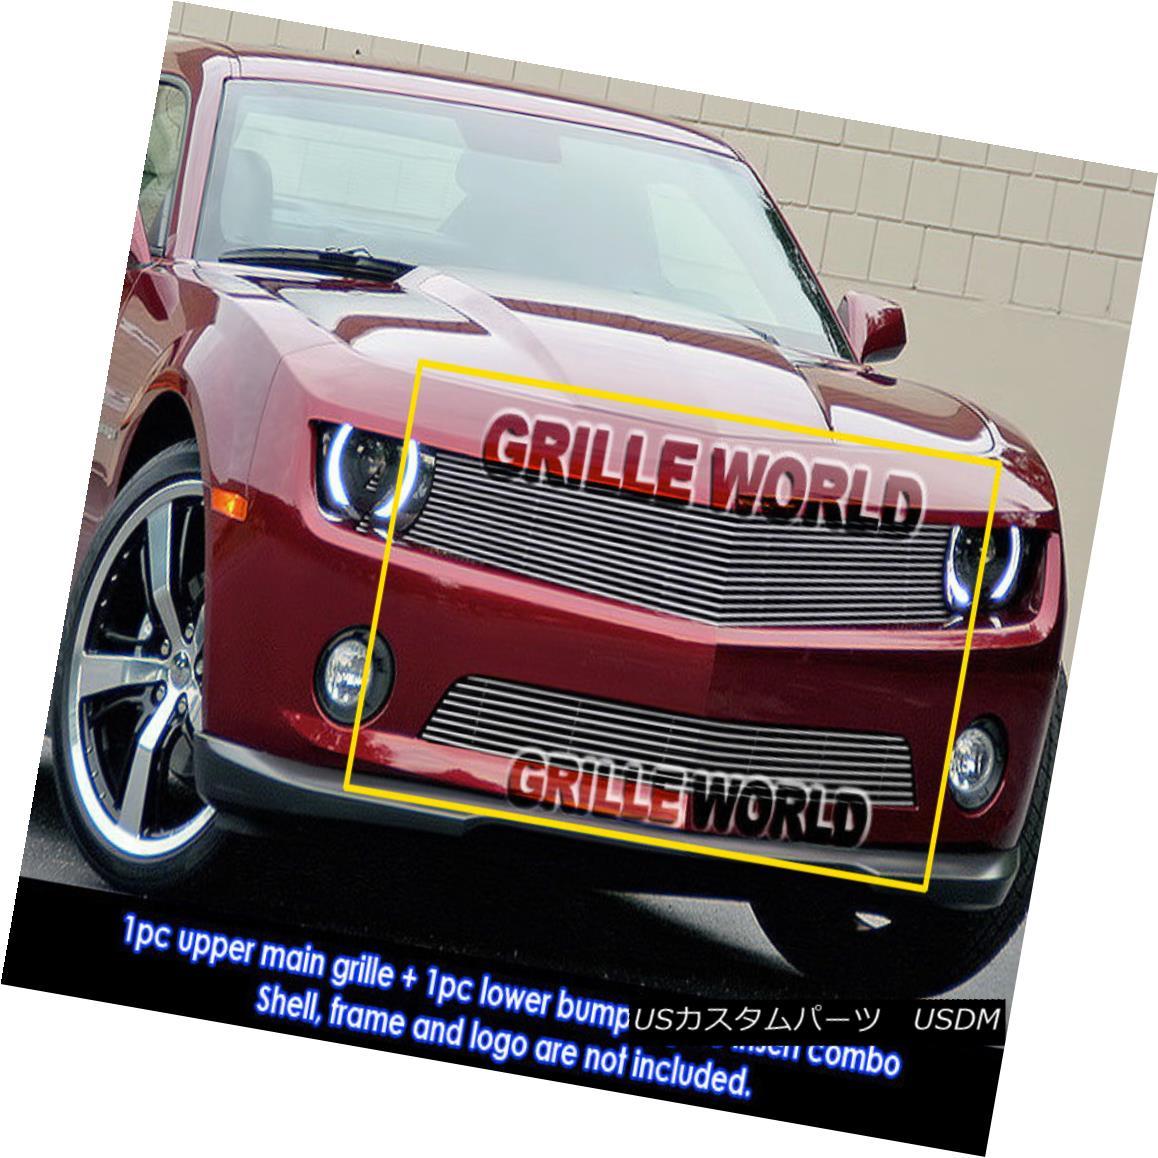 グリル For 2010-2013 Chevy Camaro LT/LS V6 Billet Grille Grill Insert Combo 2010-2013シボレーカマロLT / LS V6ビレットグリルグリルインサートコンボ用